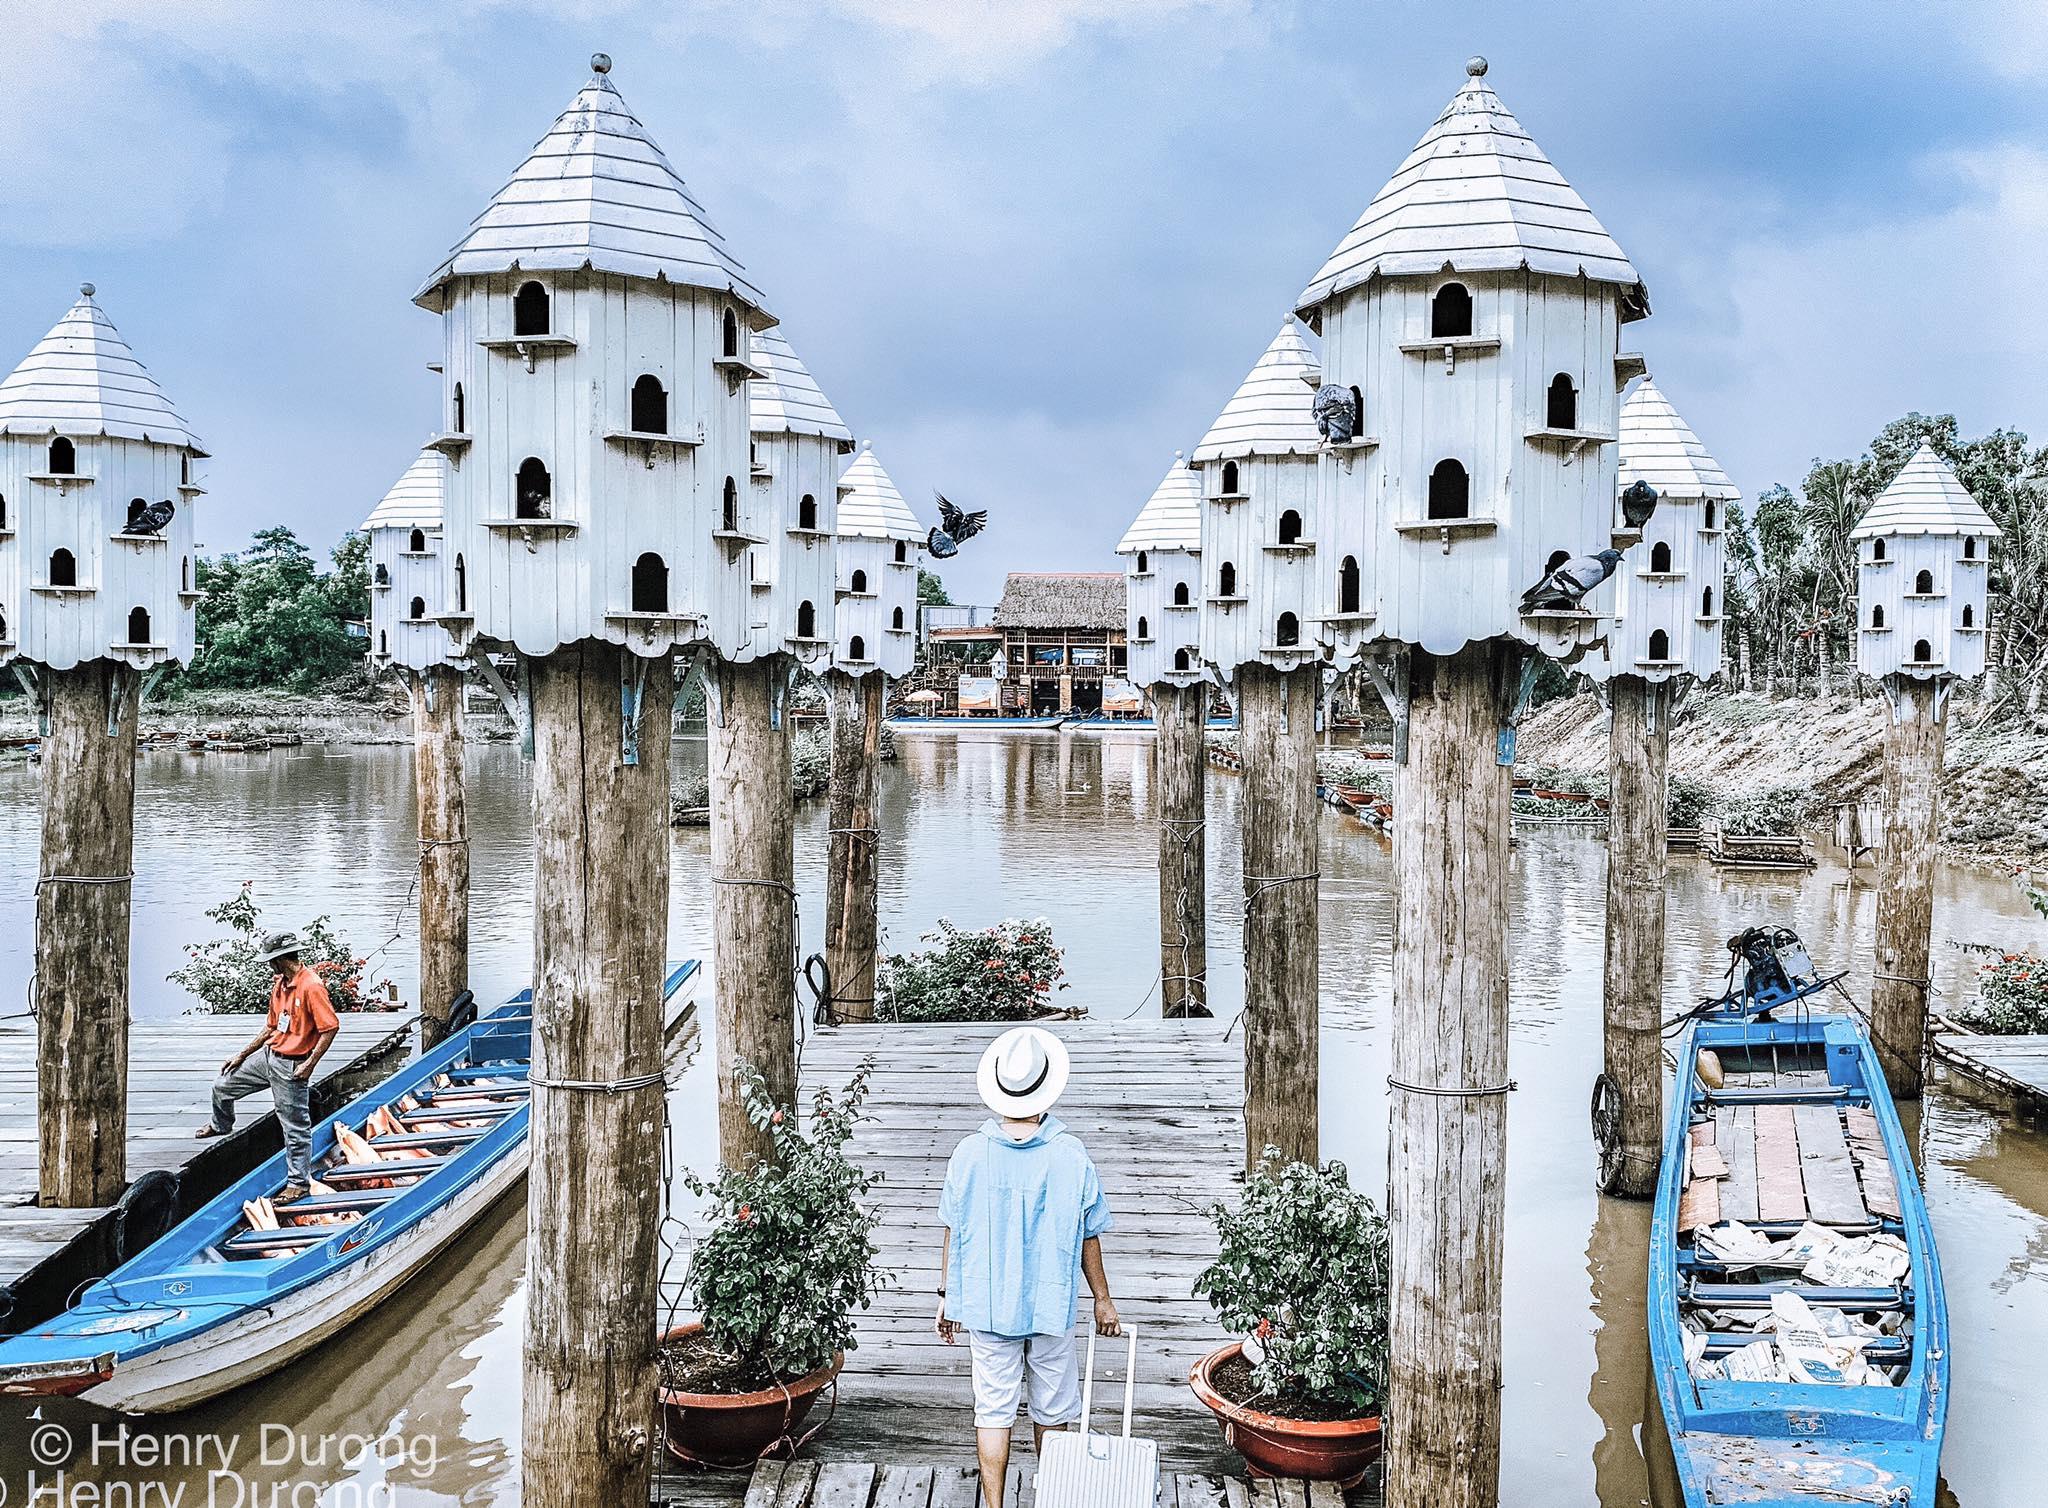 Hành trình khám phá những địa điểm đẹp nhất tại rừng tràm Trà Sư, An Giang  - Ảnh 5.